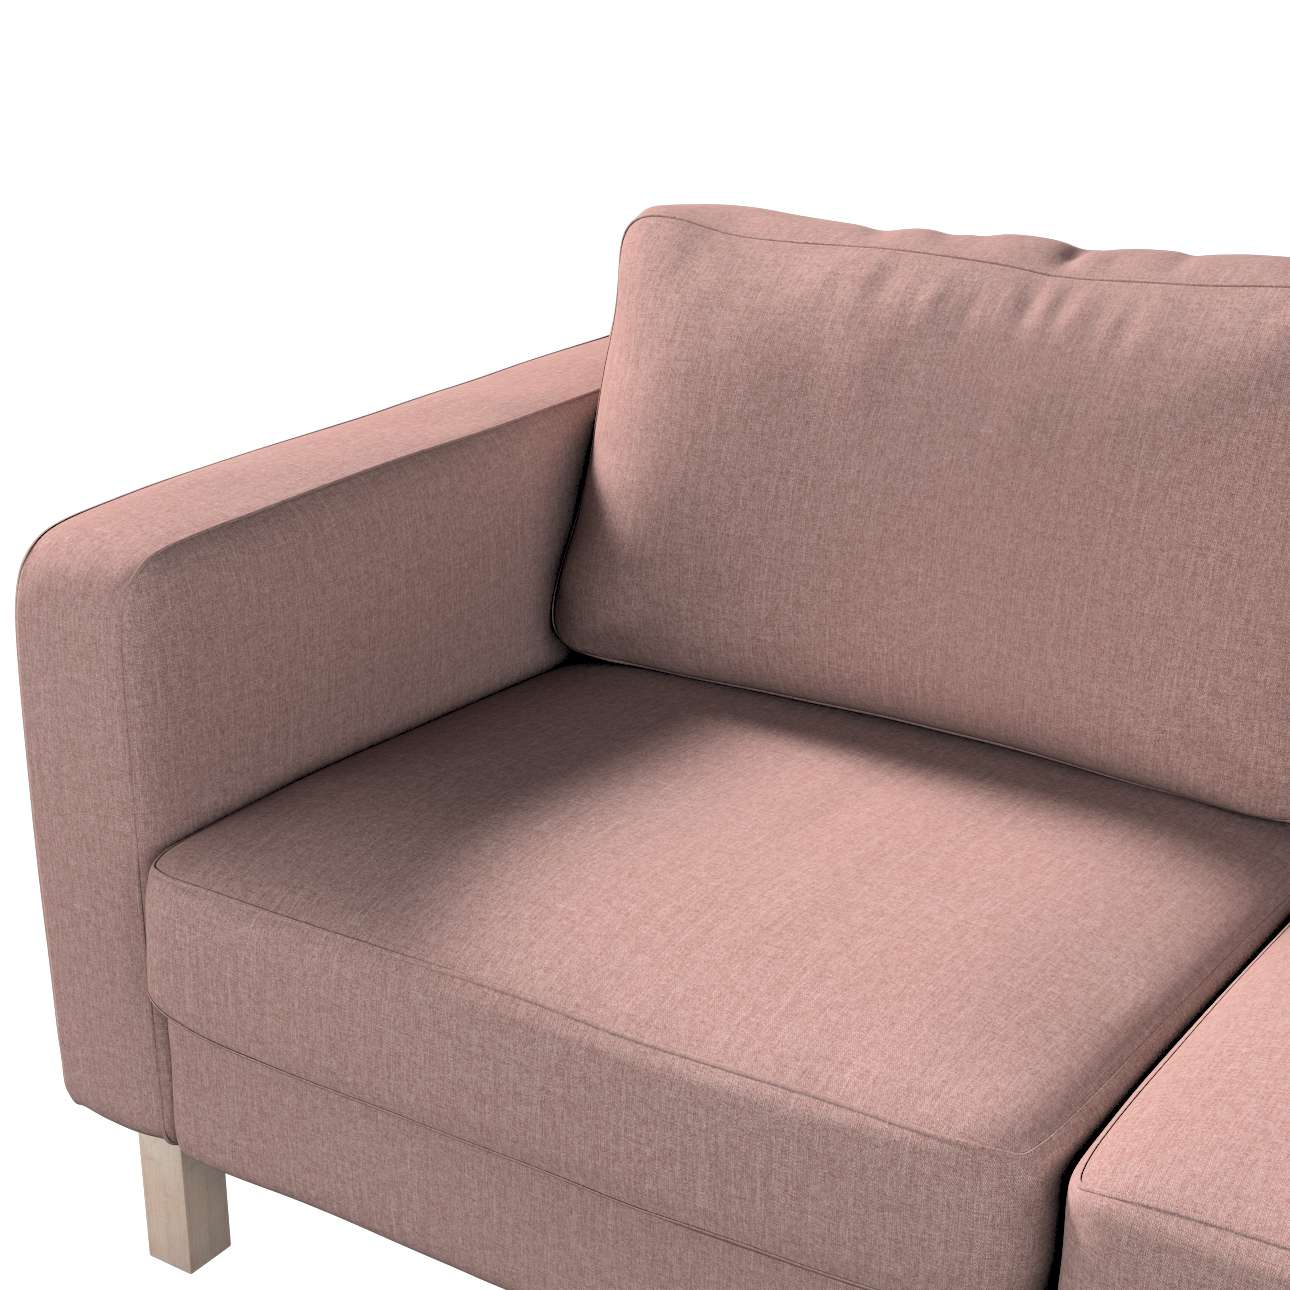 Pokrowiec na sofę Karlstad 2-osobową nierozkładaną krótki w kolekcji City, tkanina: 704-83